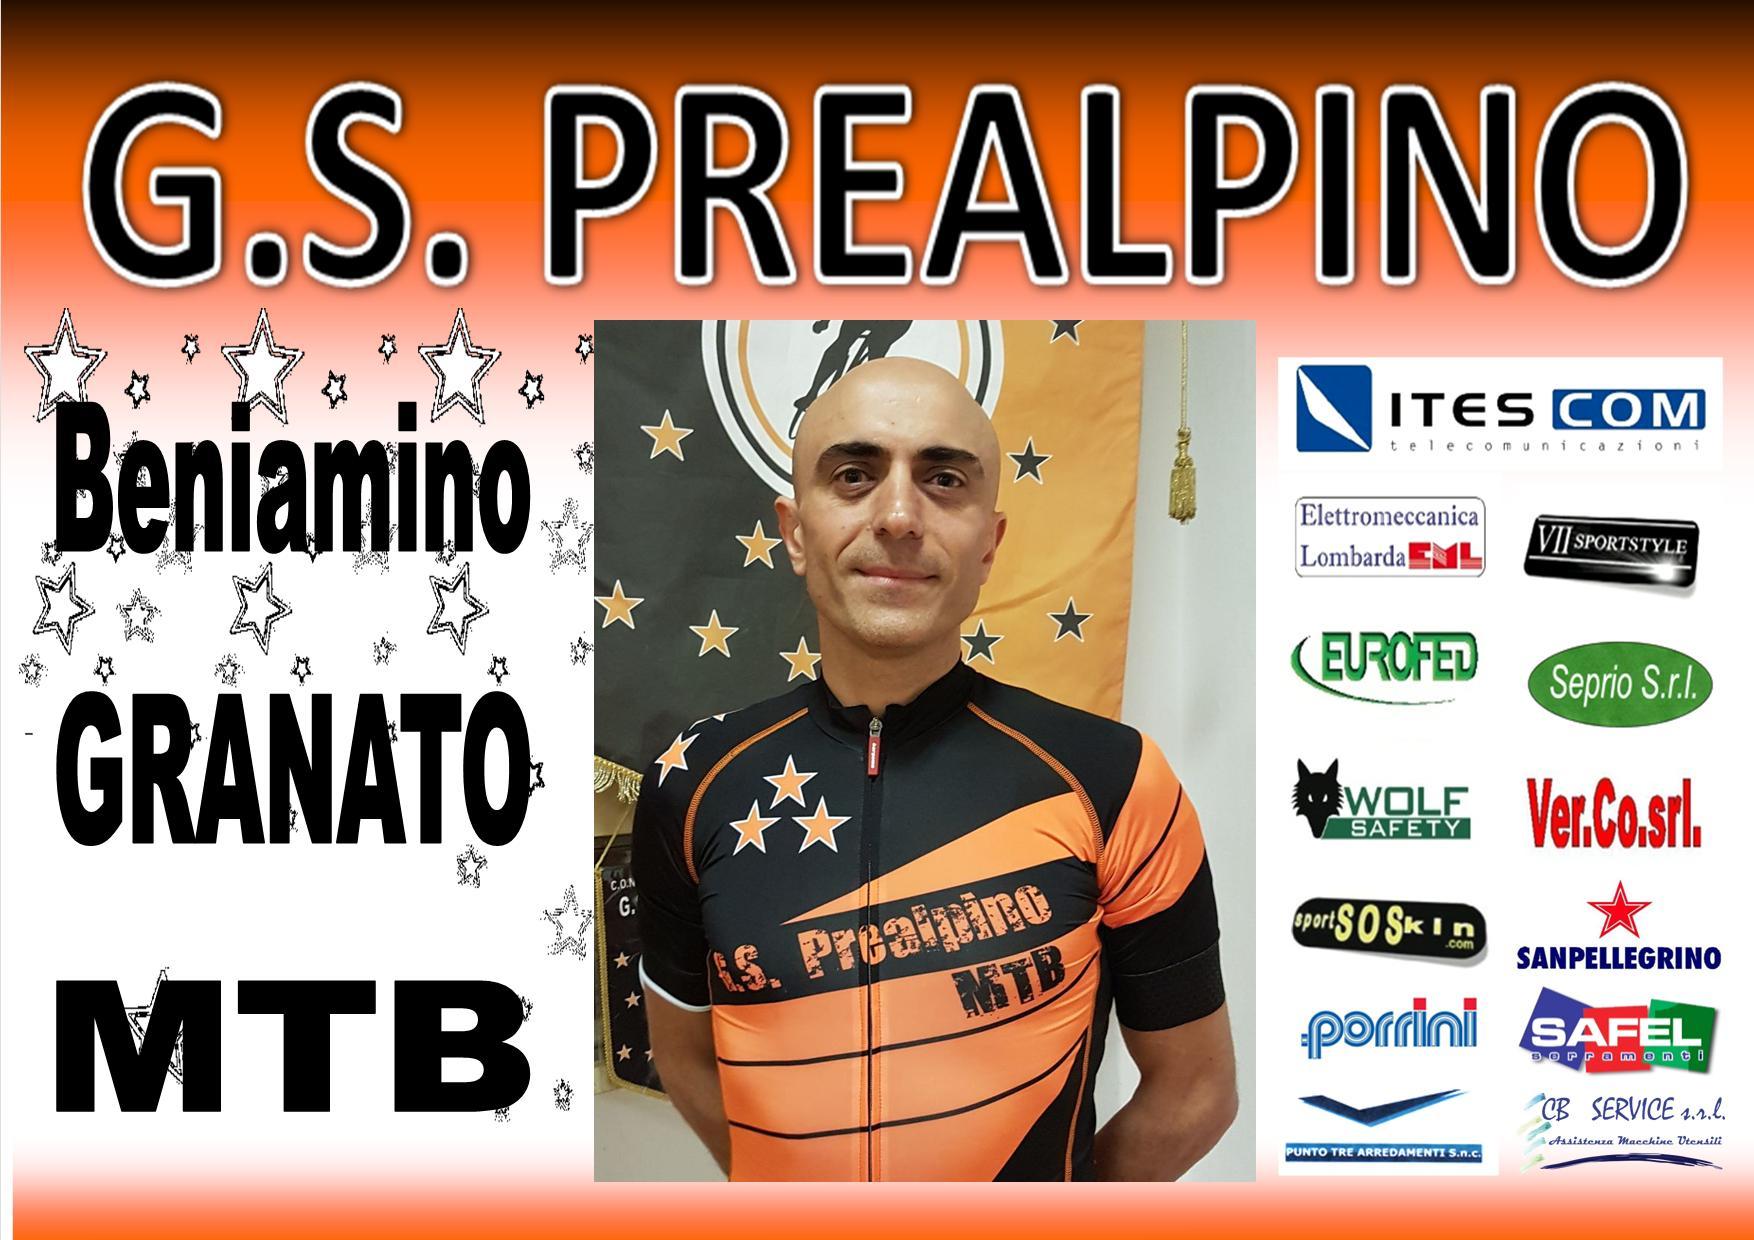 BENIAMINO GRANATO MTB PREALPINO 2017